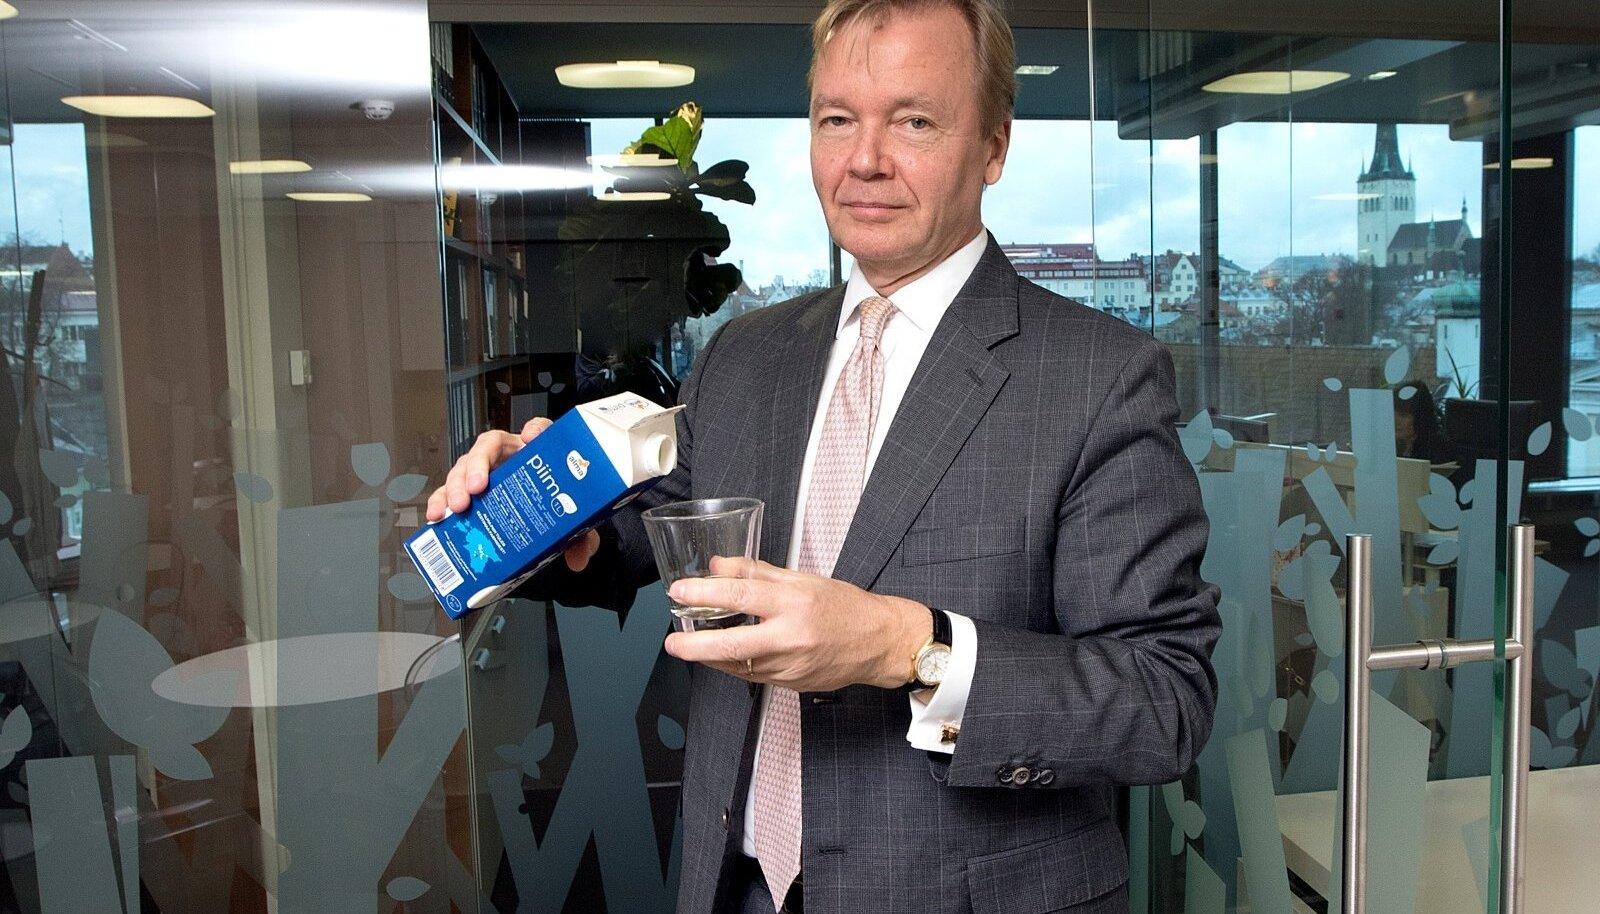 Joakim Helenius müüb oma Venemaa-varad maha, sest piima on parem toota Eestis ja vilja Ukrainas.